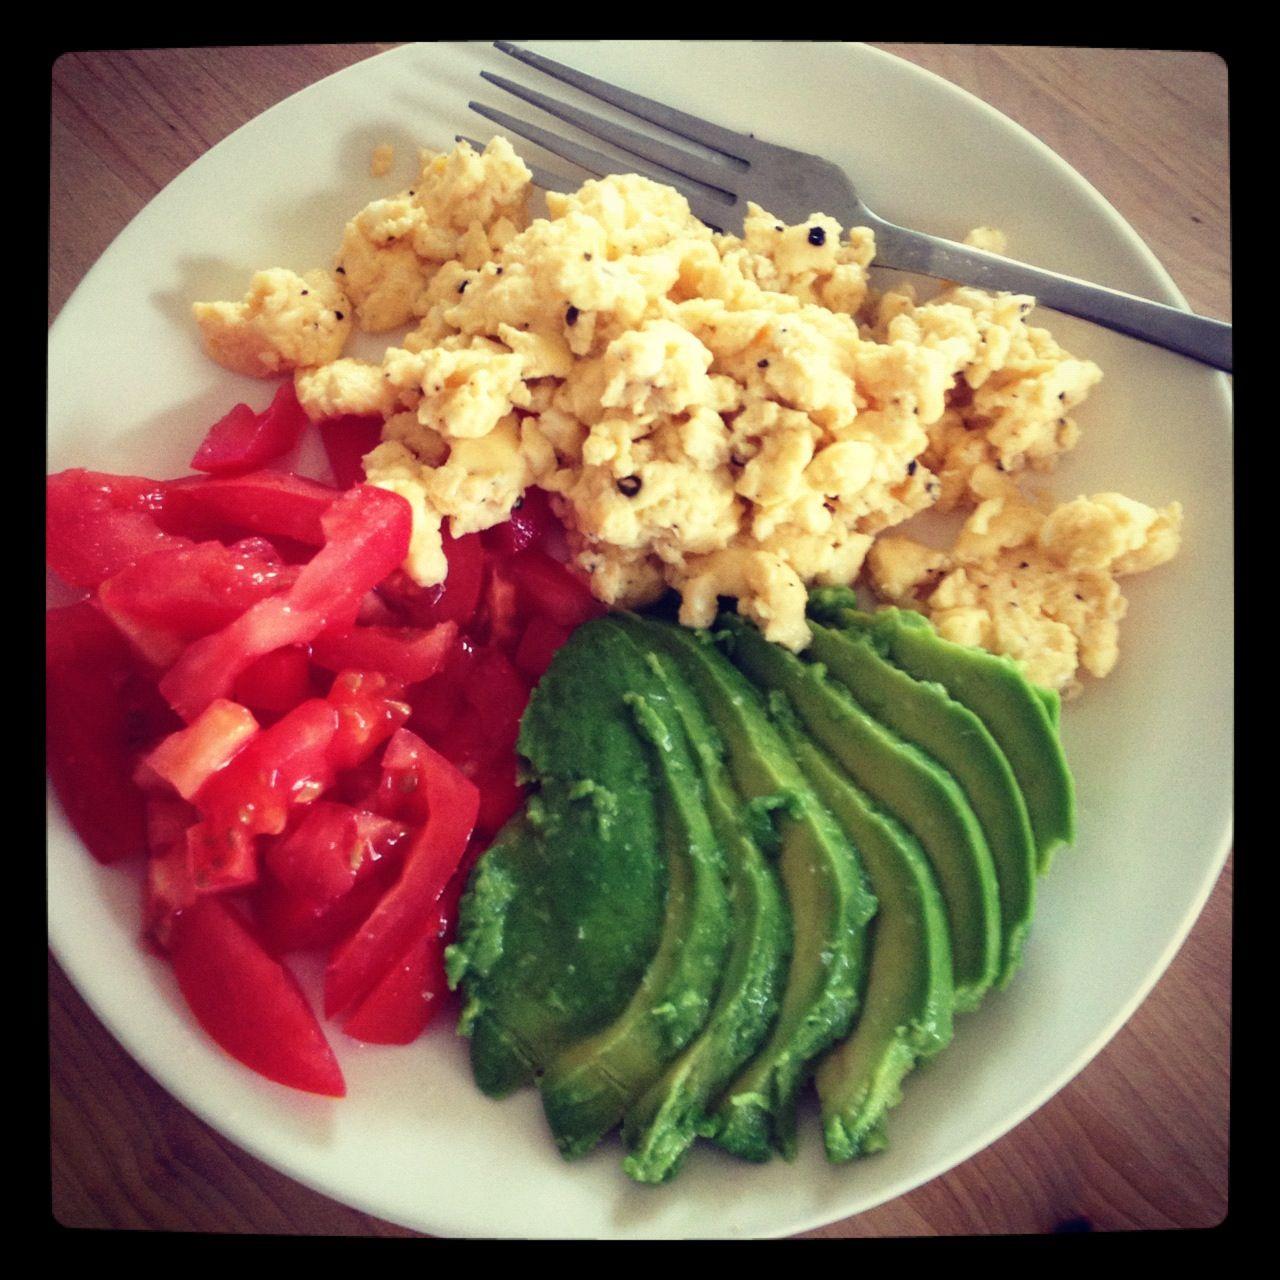 Ham And Avocado Scramble Recipe: Scrambled Egg, Tomato And Avocado